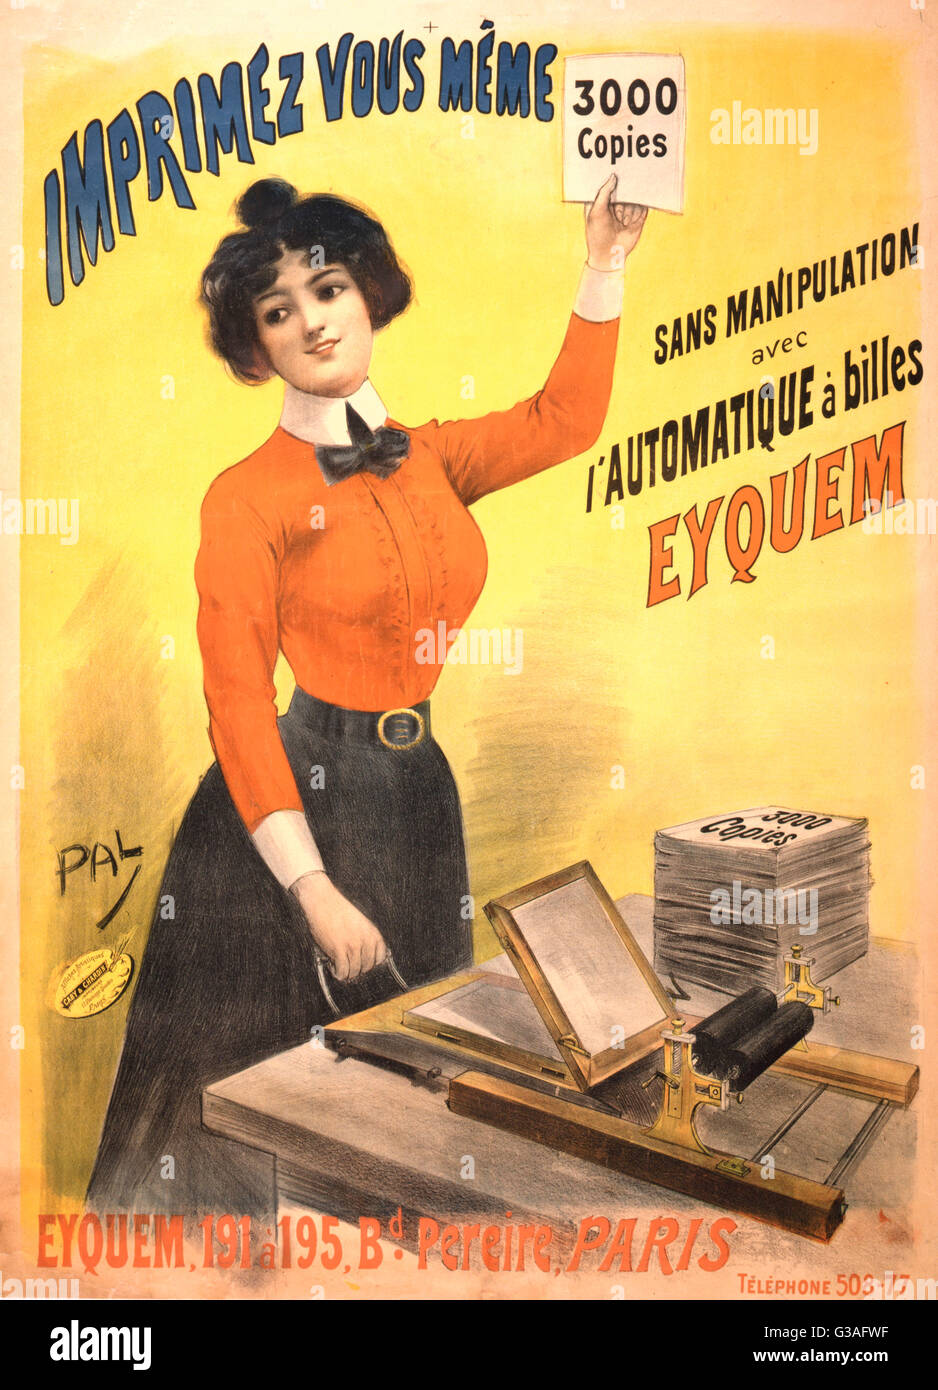 Imprimez vous meme 3000 copies sans manipulation avec l'automatique e billes Eyquem. Poster showing a woman - Stock Image